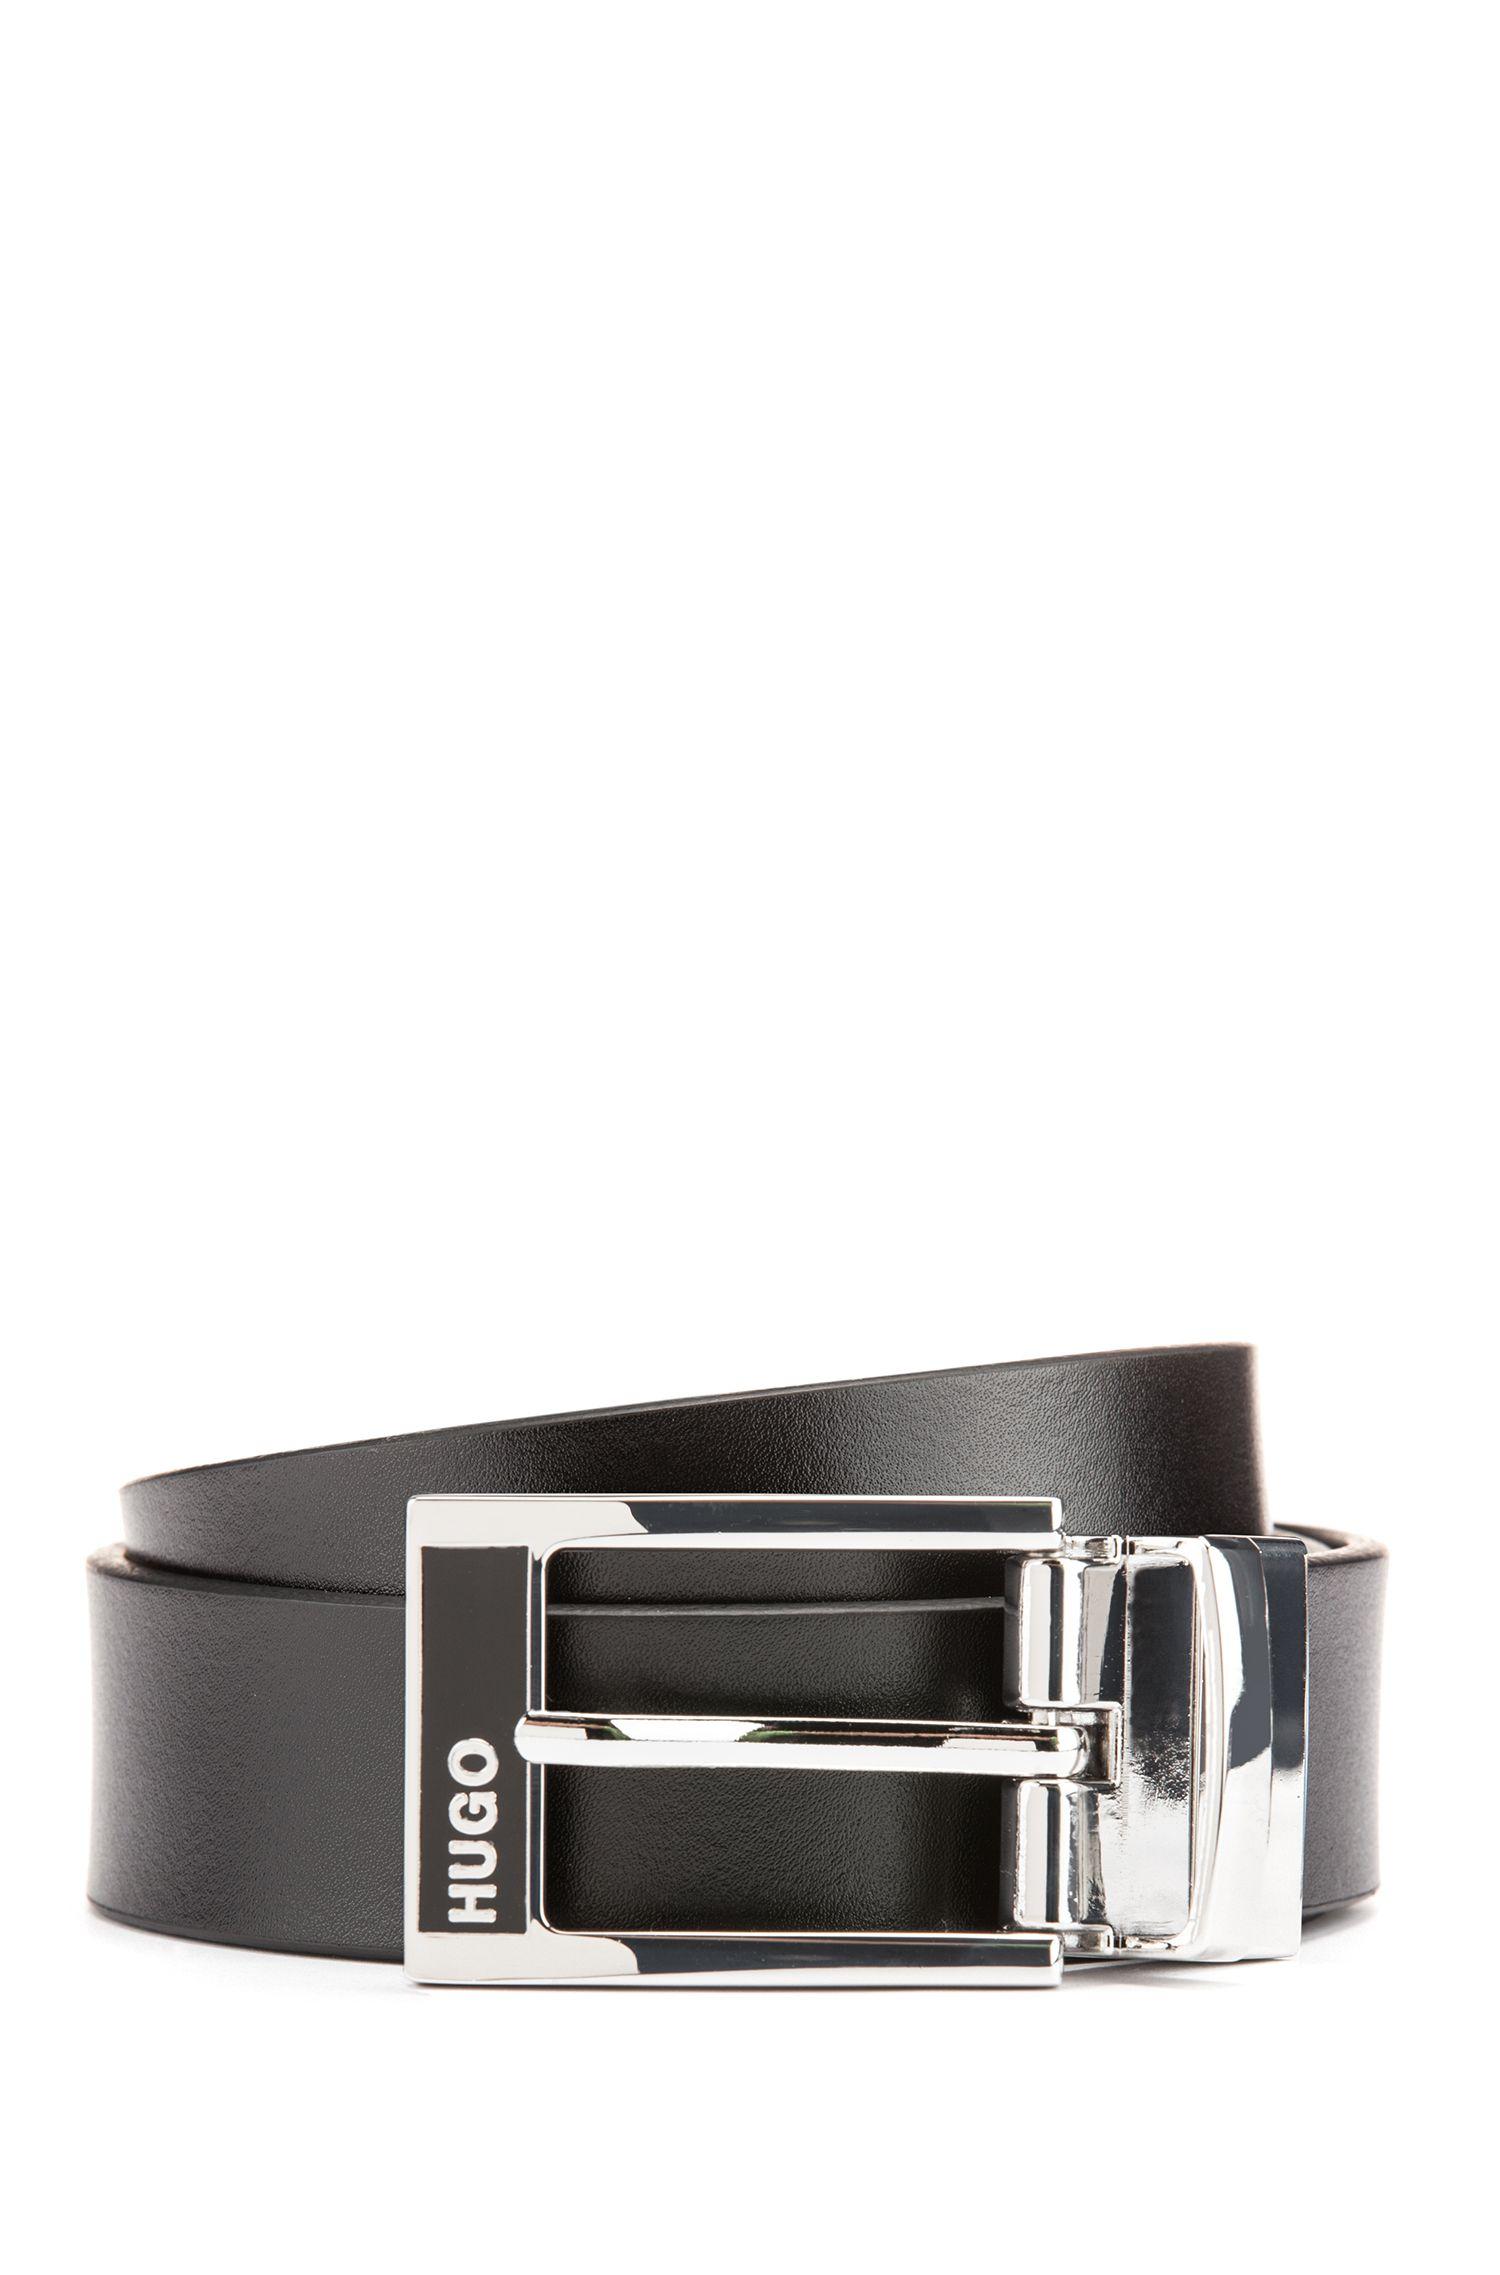 Cinturón de piel lisa con hebillas intercambiables en caja de regalo, Negro